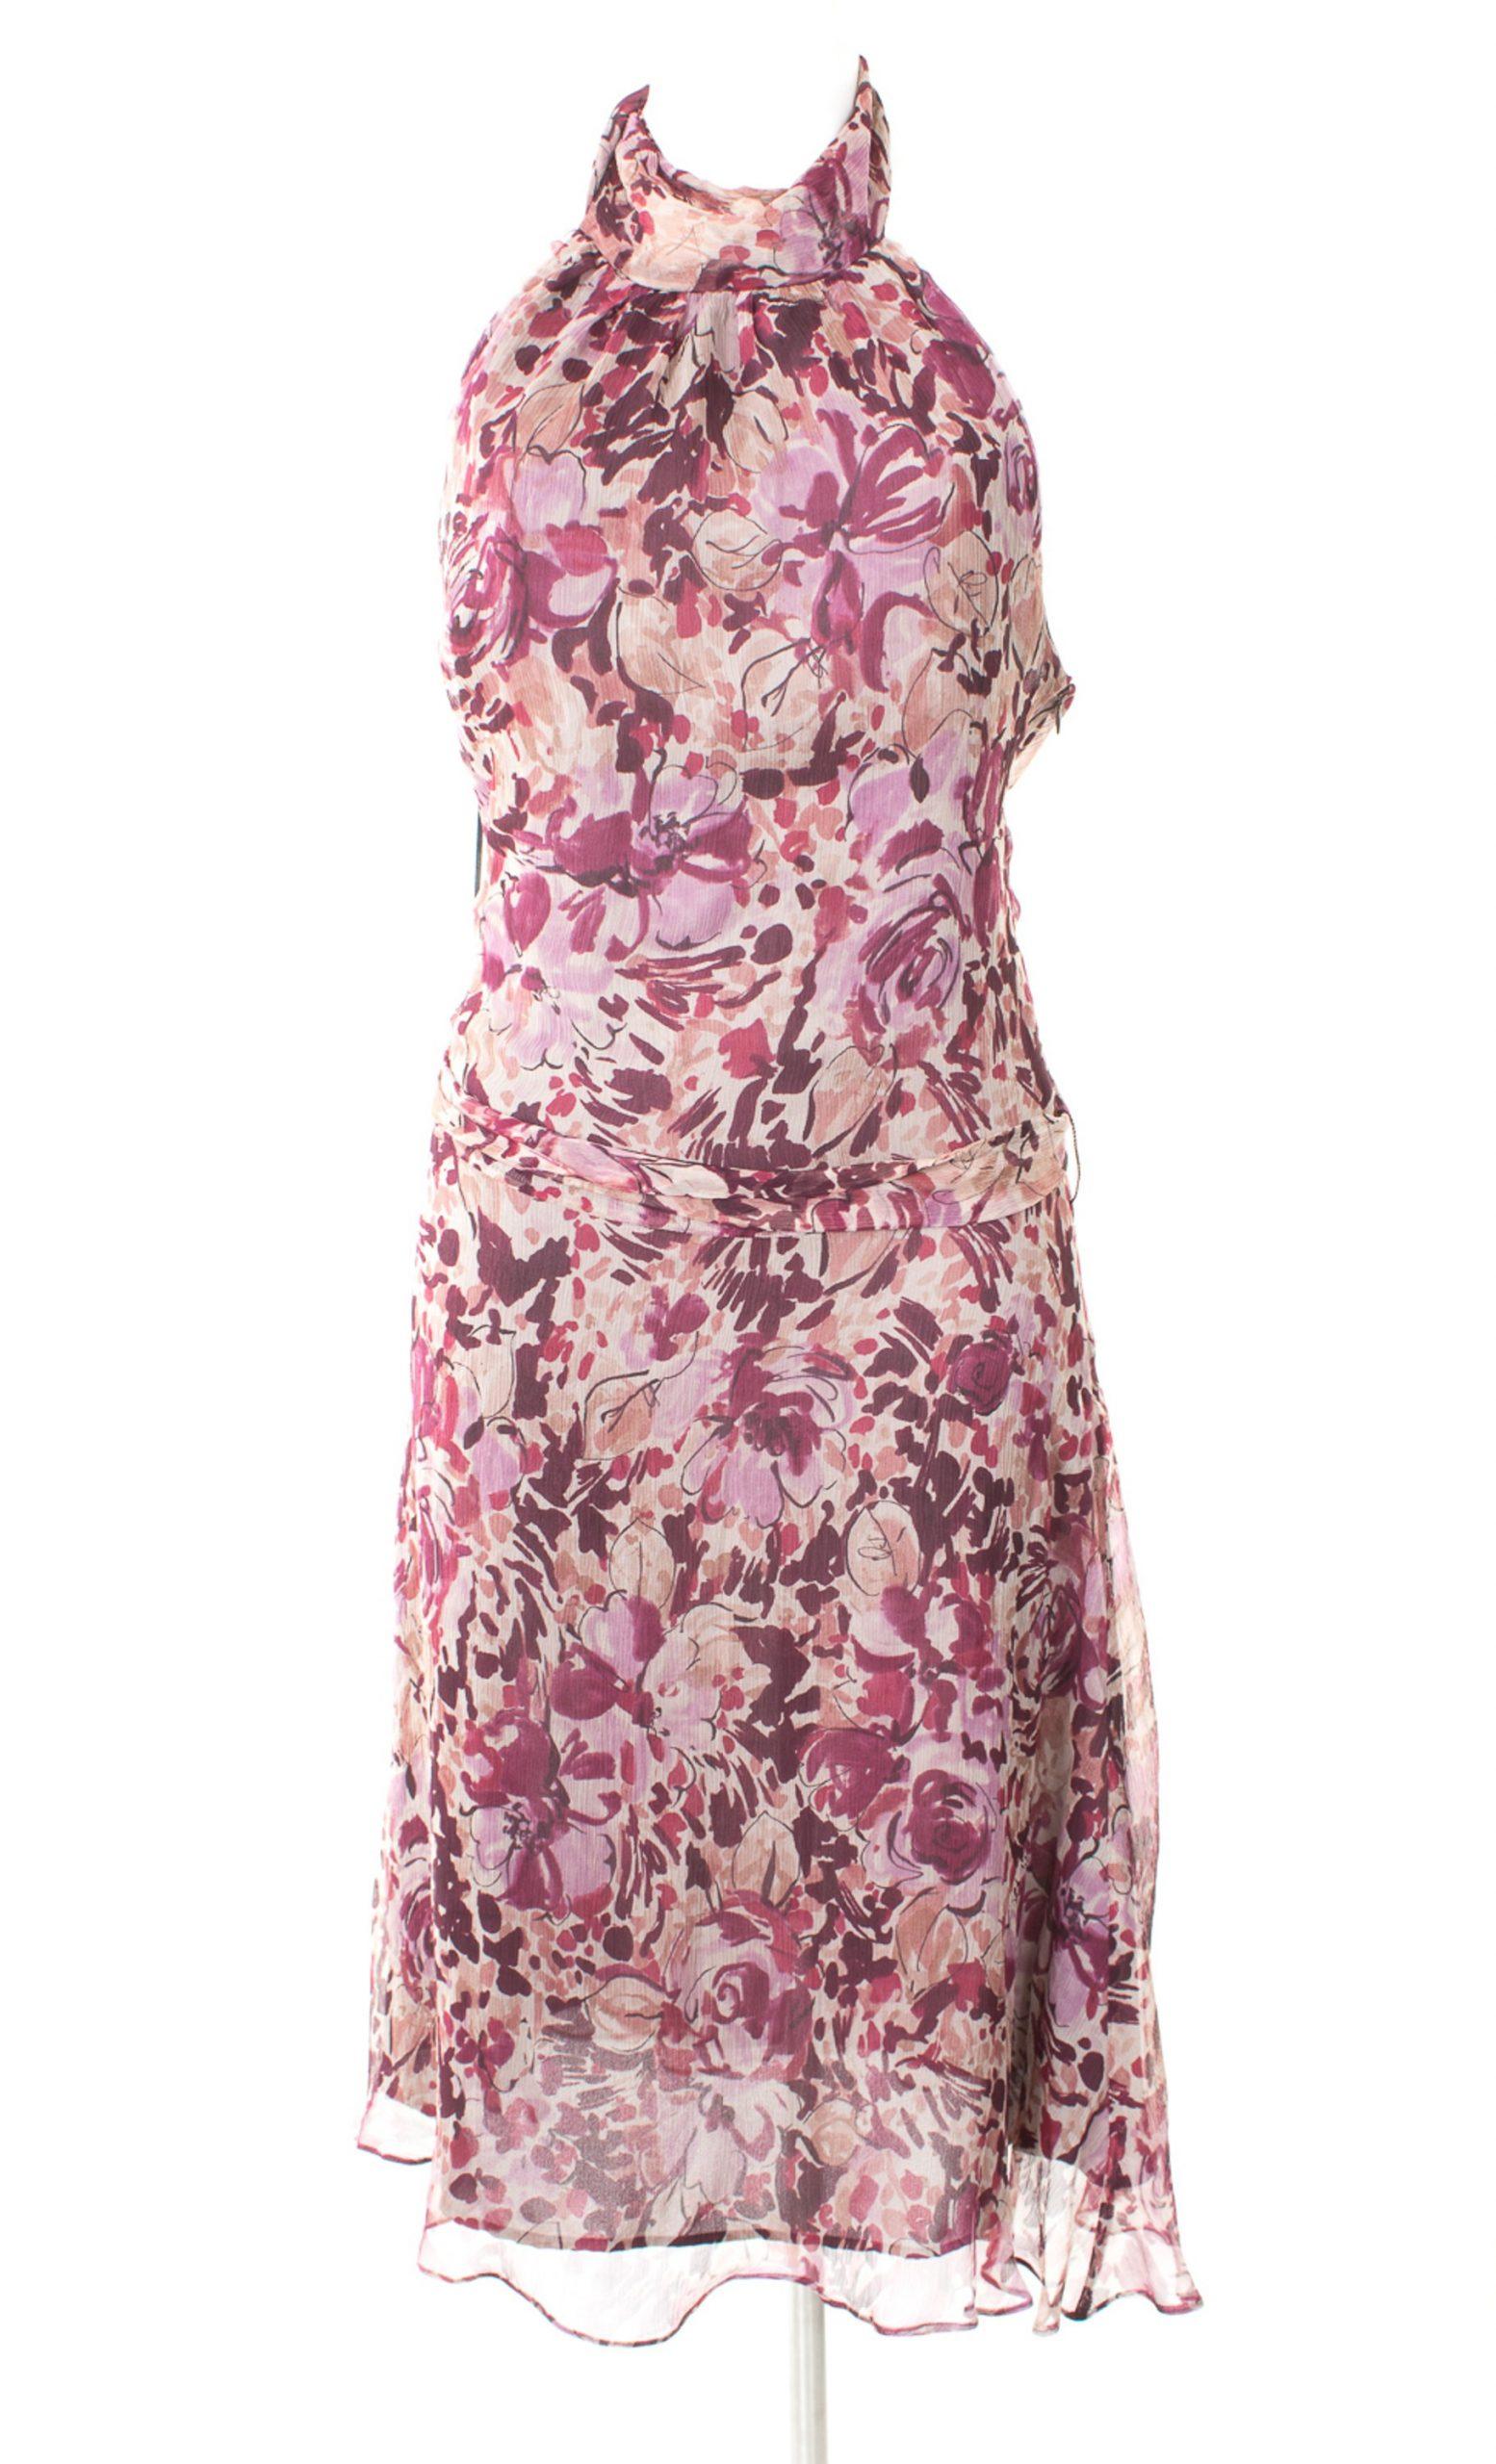 15 Genial Sommerkleider Größe 52 StylishAbend Kreativ Sommerkleider Größe 52 Spezialgebiet